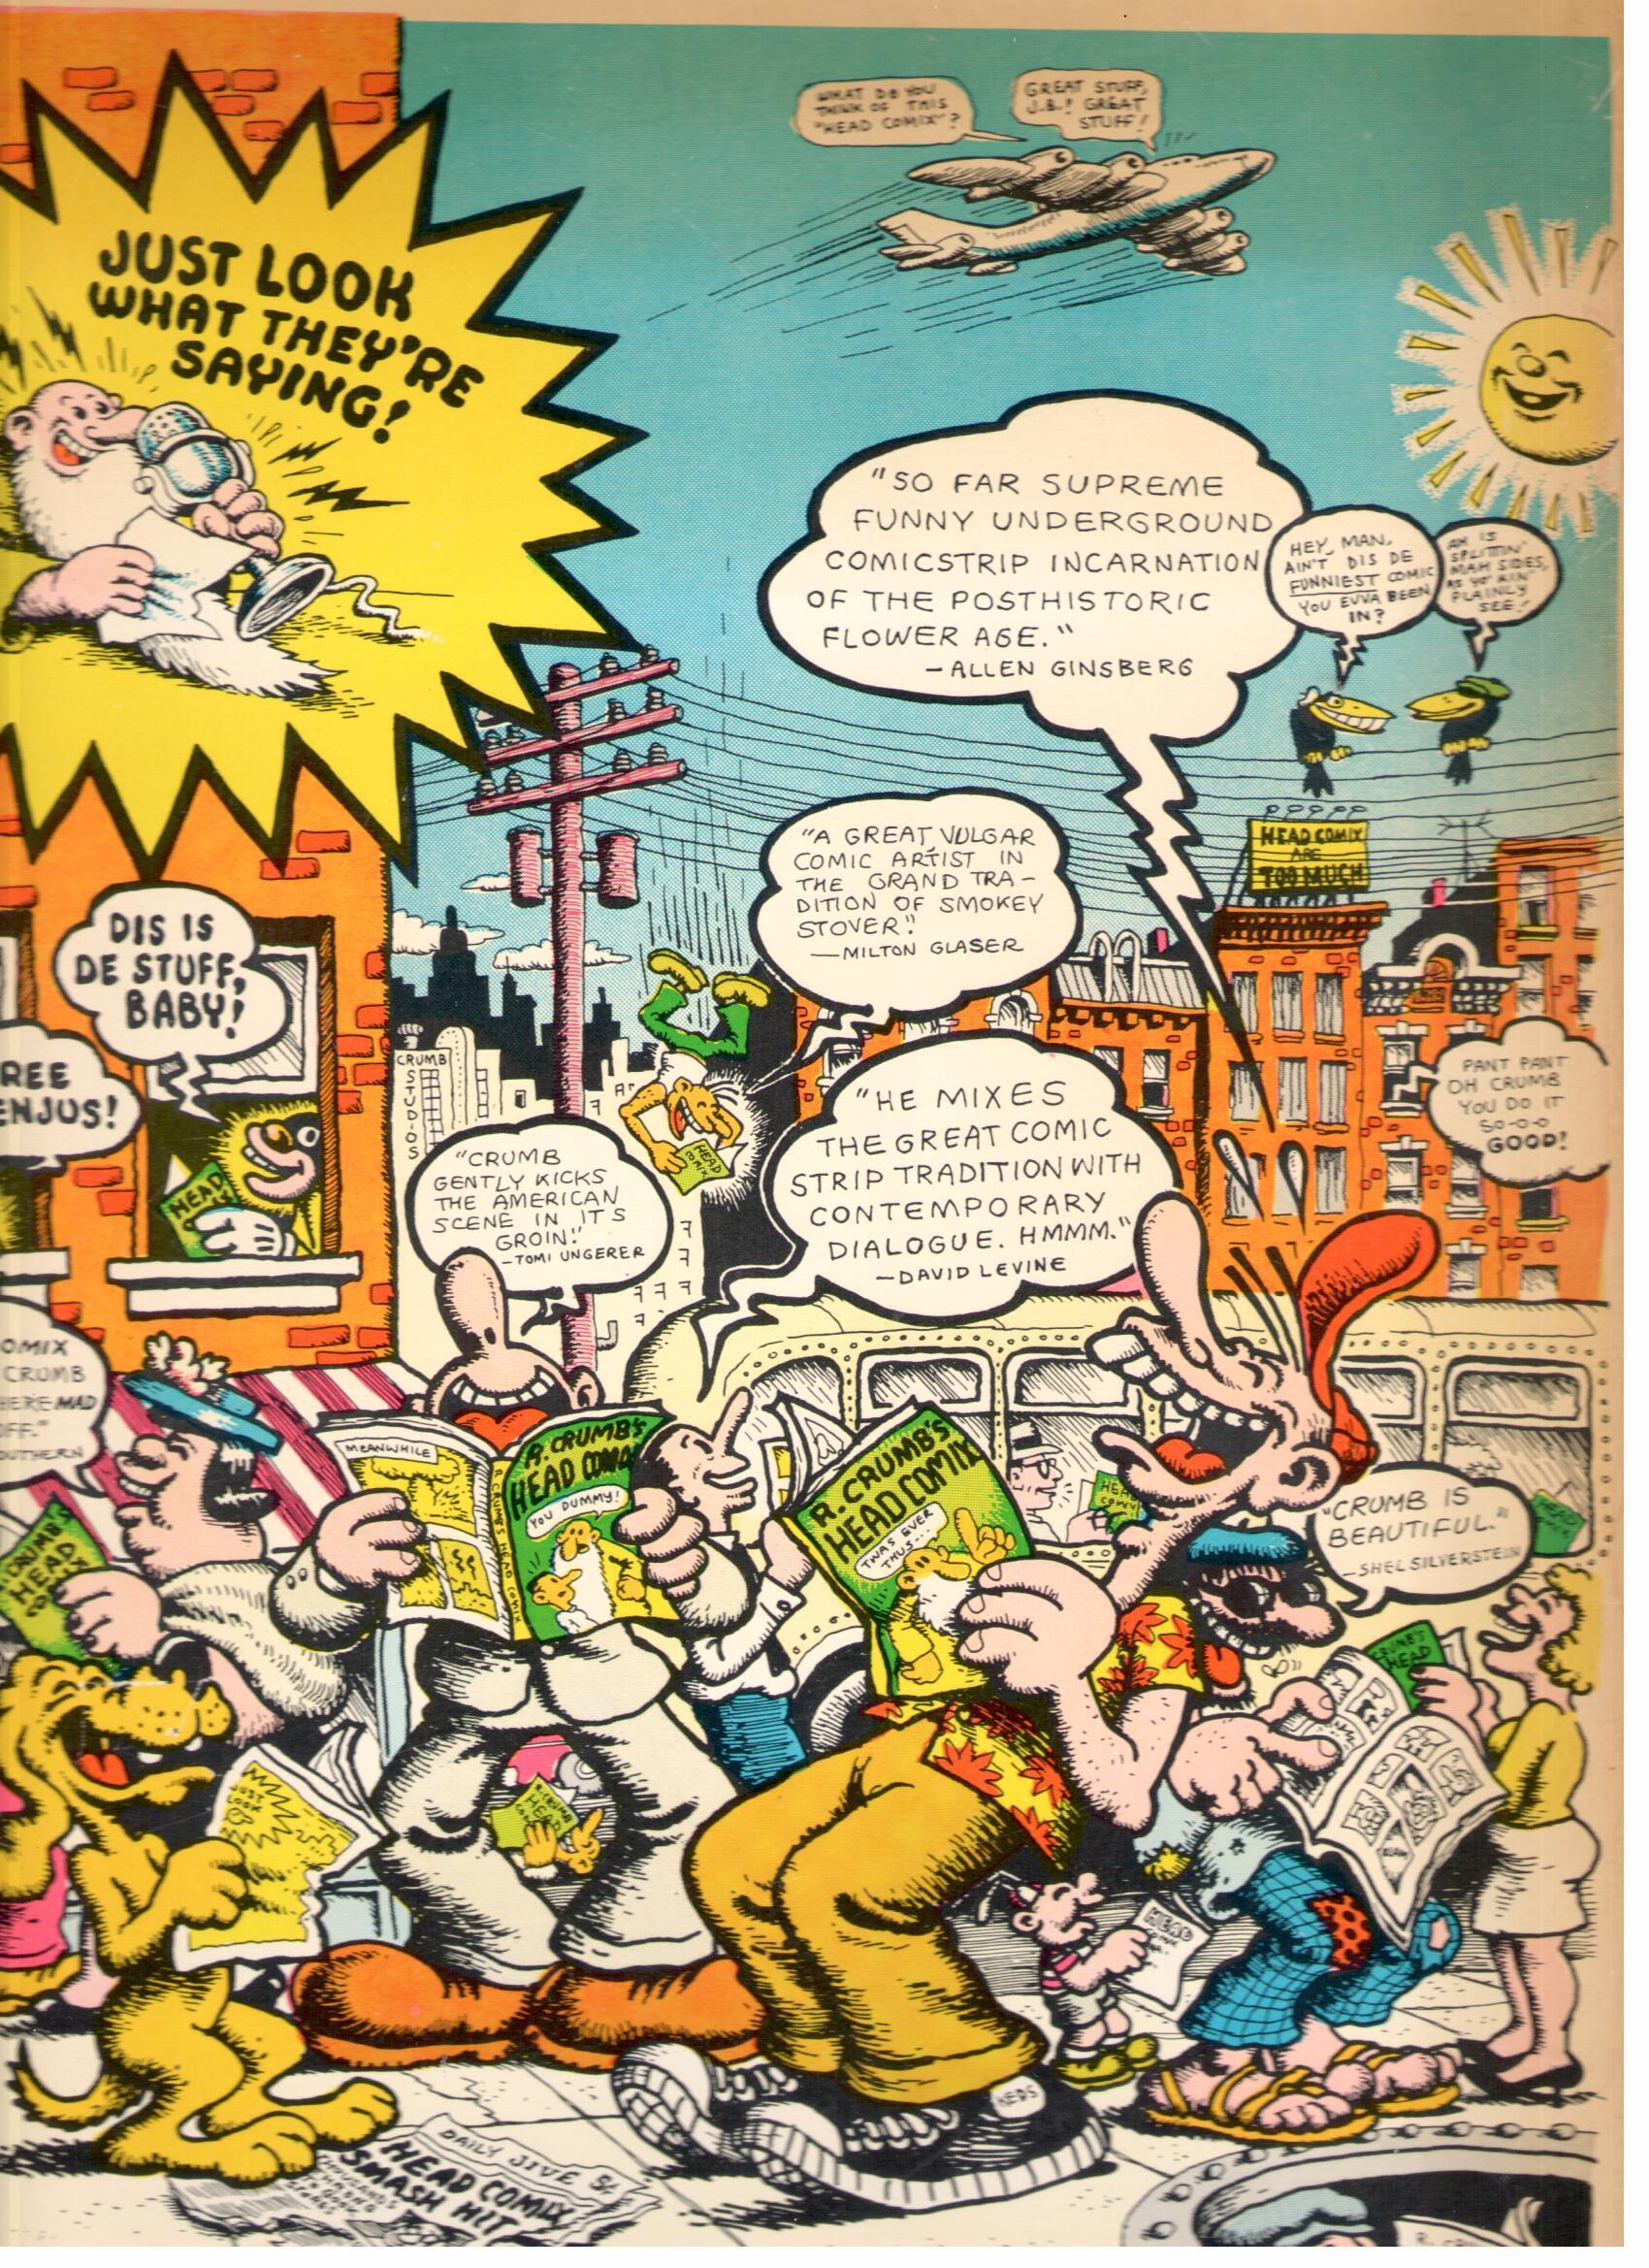 Image of: Humor R Crumbs Head Comix Tweedehands Zeer Goed Bekijk Fotos Akim Stripwinkel Akim Stripwinkel Crumb Diversen R Crumbs Head Comix